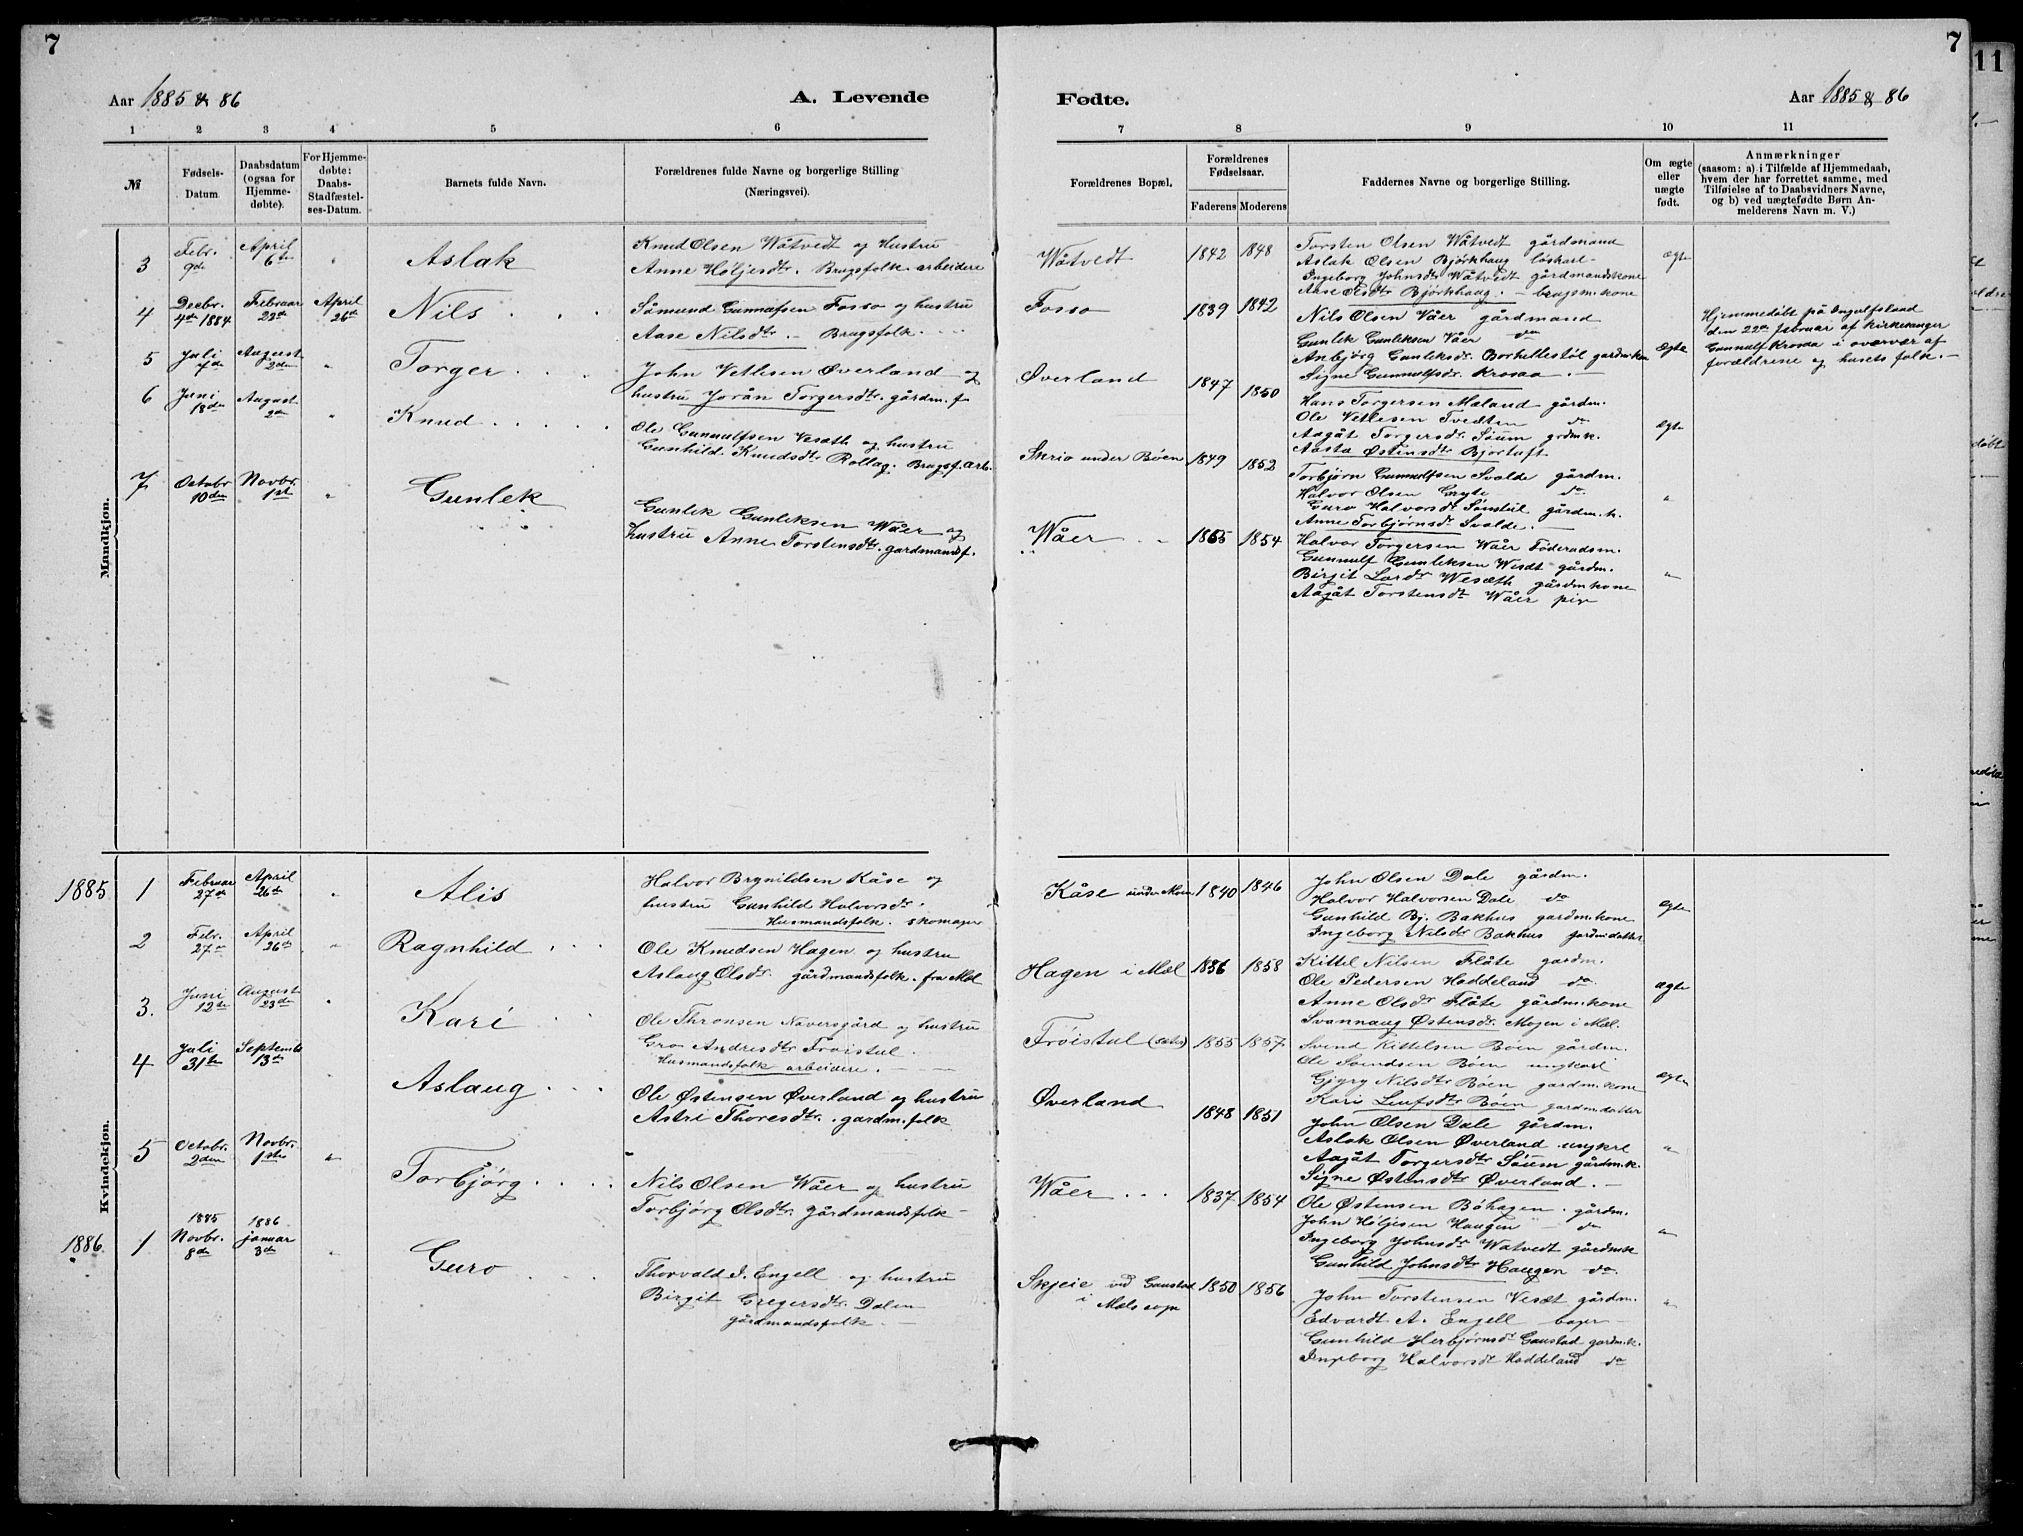 SAKO, Rjukan kirkebøker, G/Ga/L0001: Klokkerbok nr. 1, 1880-1914, s. 7